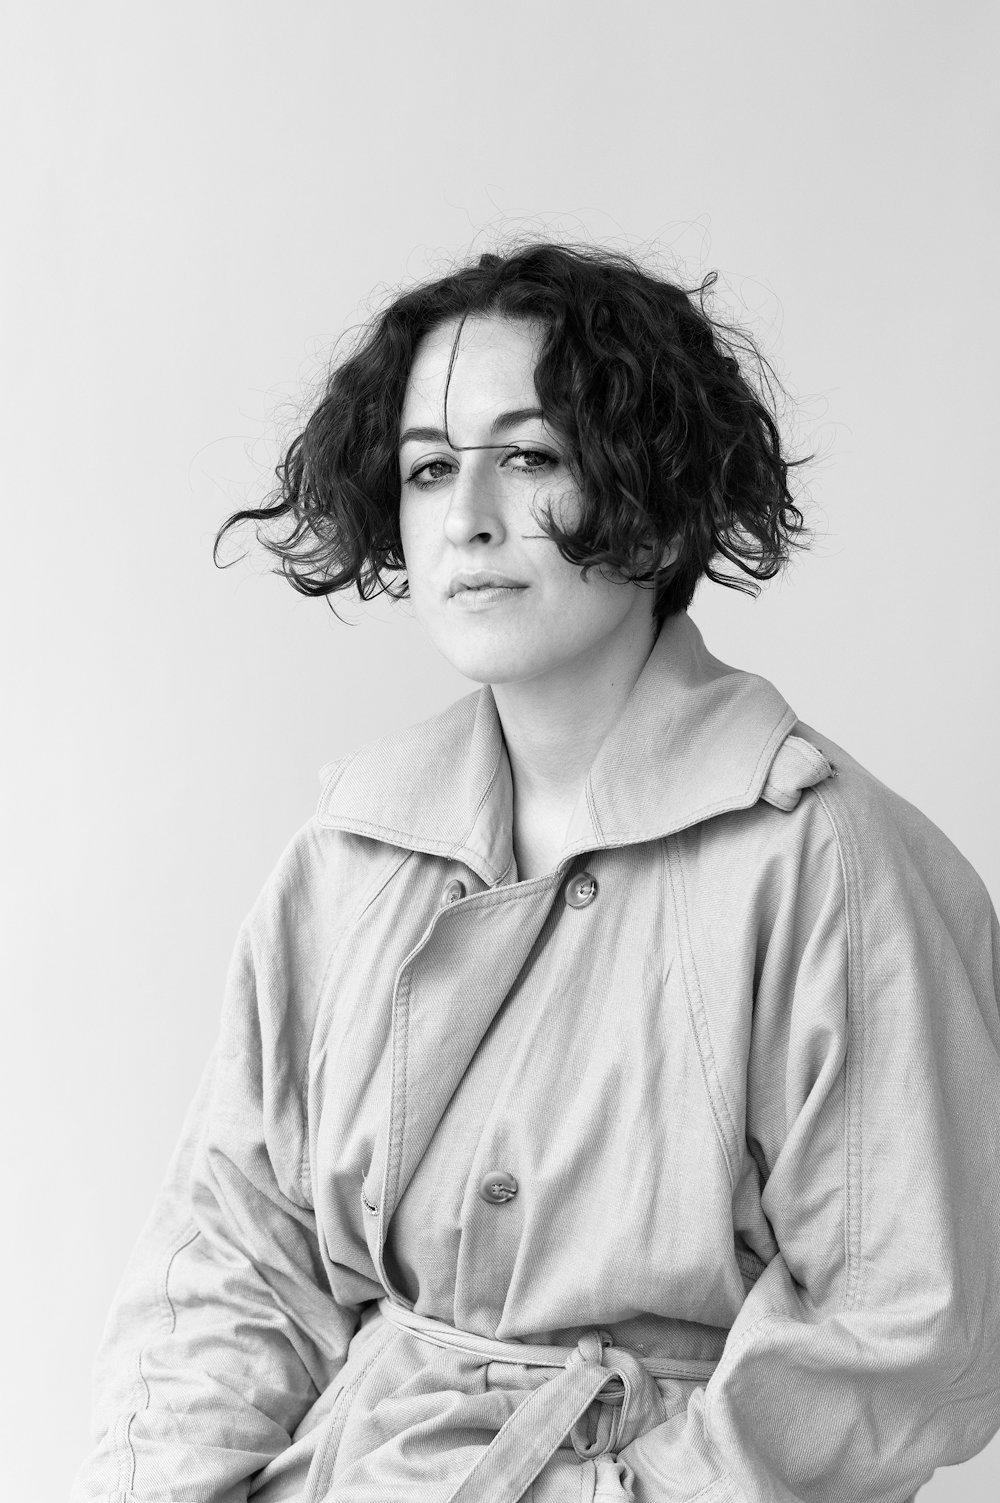 Francesca Pellanda